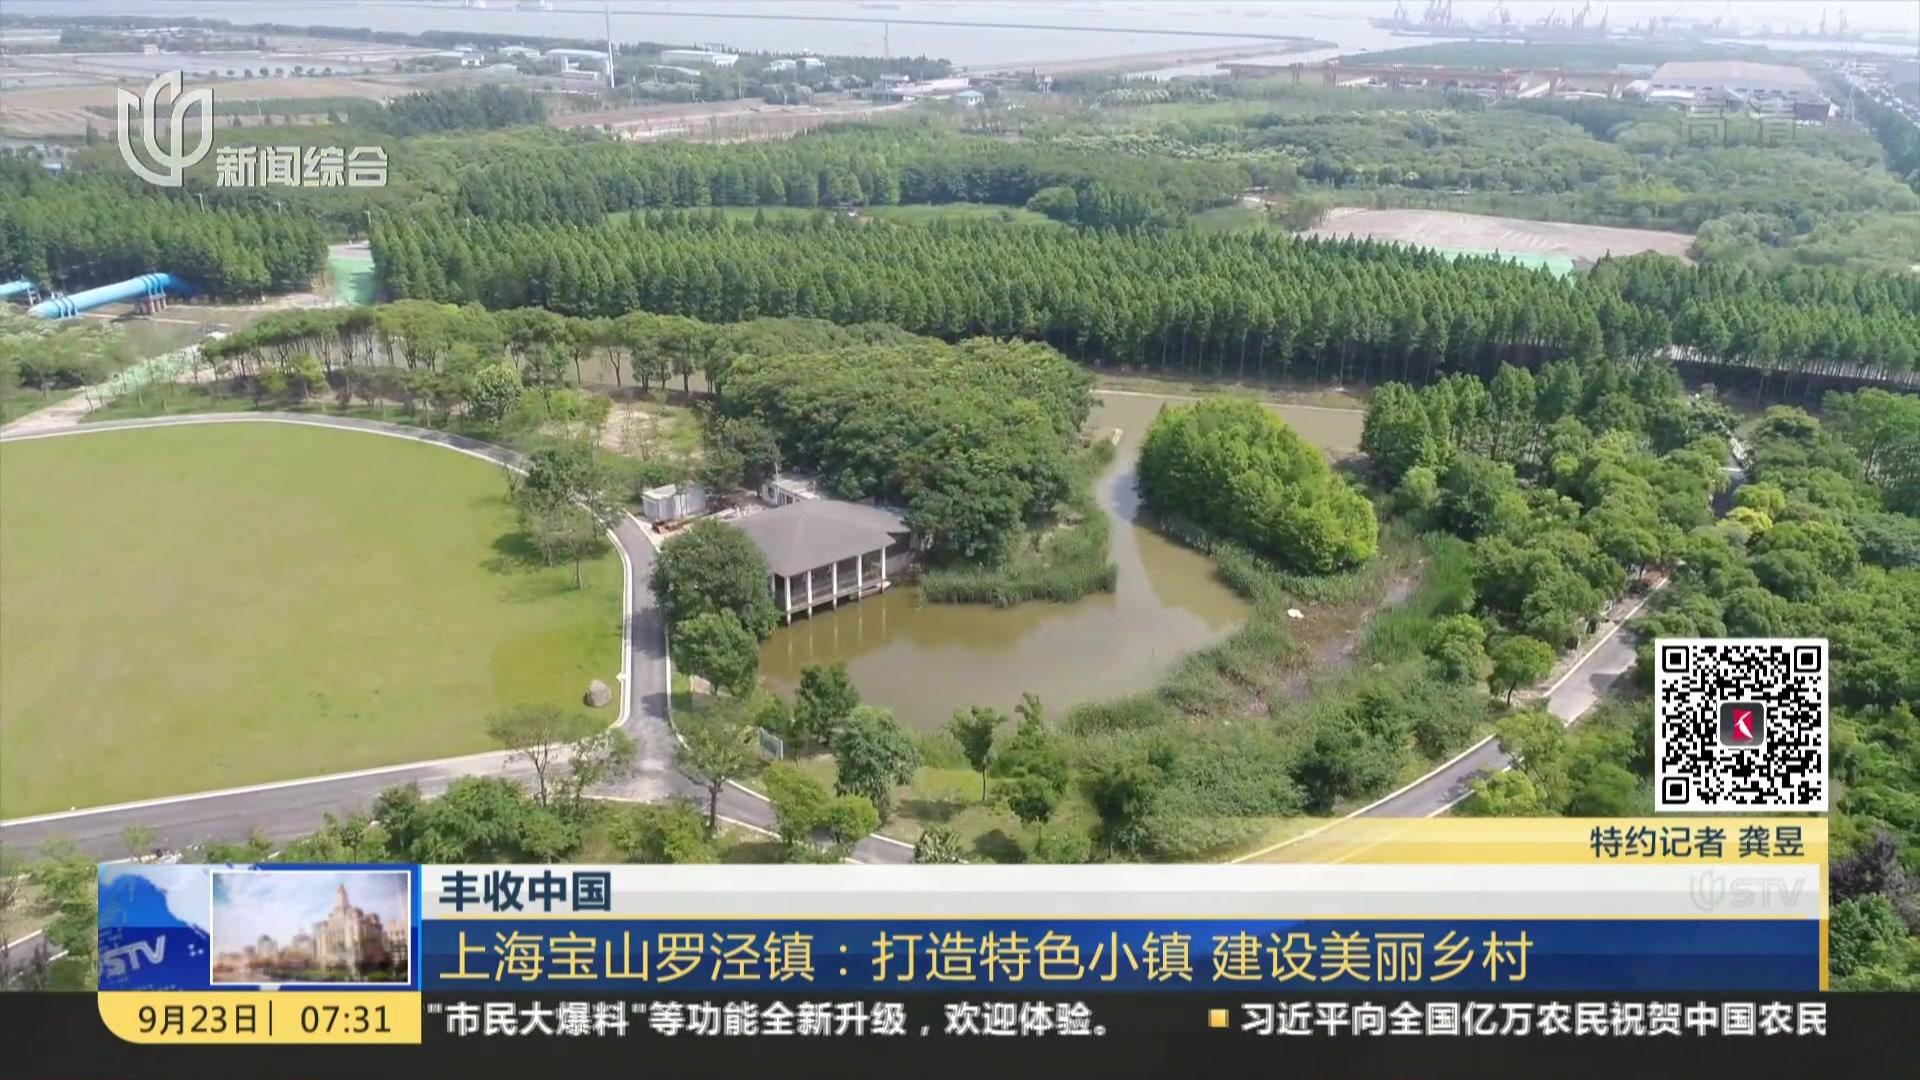 丰收中国:上海宝山罗泾镇——打造特色小镇  建设美丽乡村